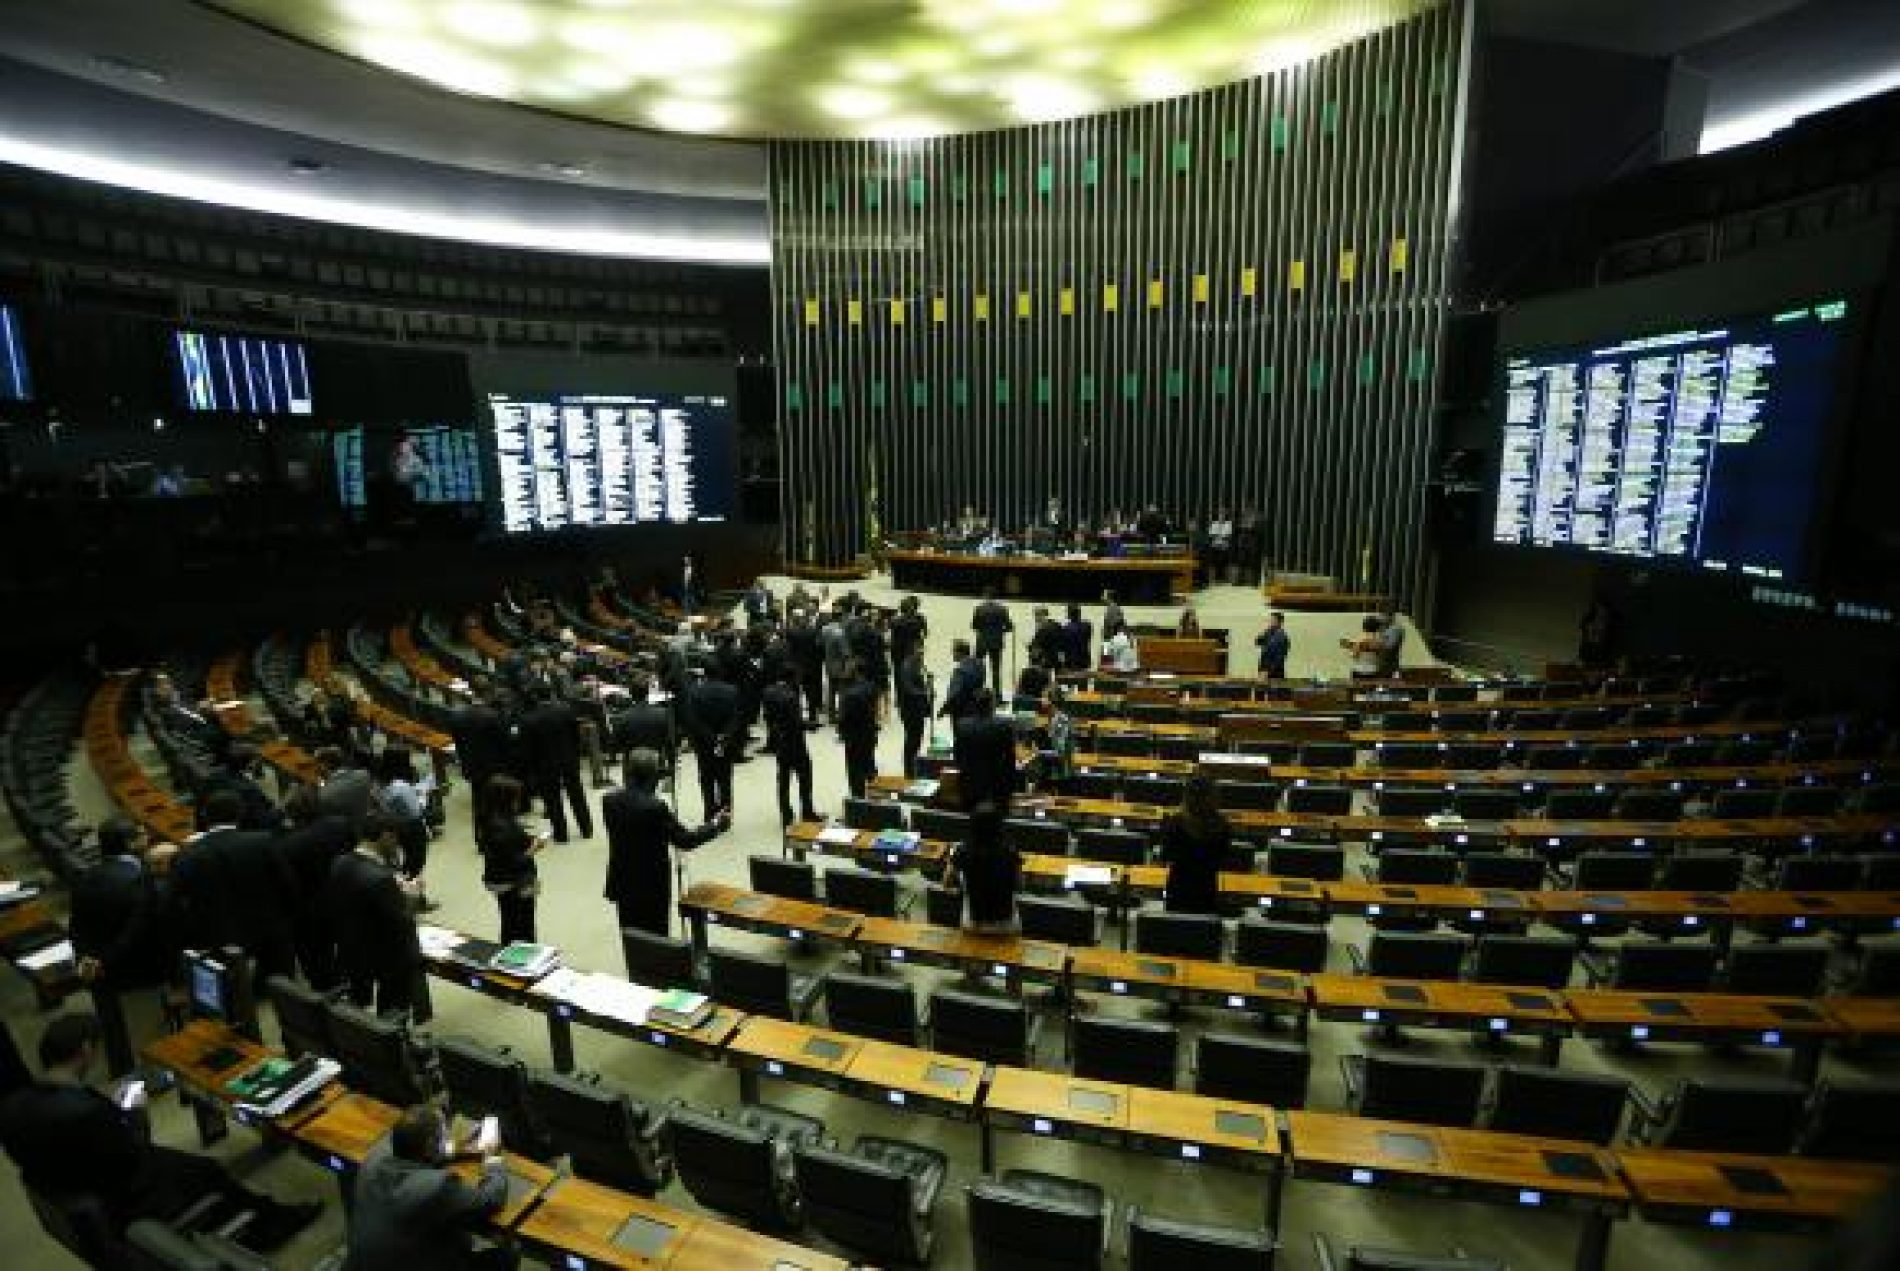 Proposta de prevalência de acordo coletivo sobre a lei recebe críticas na Câmara